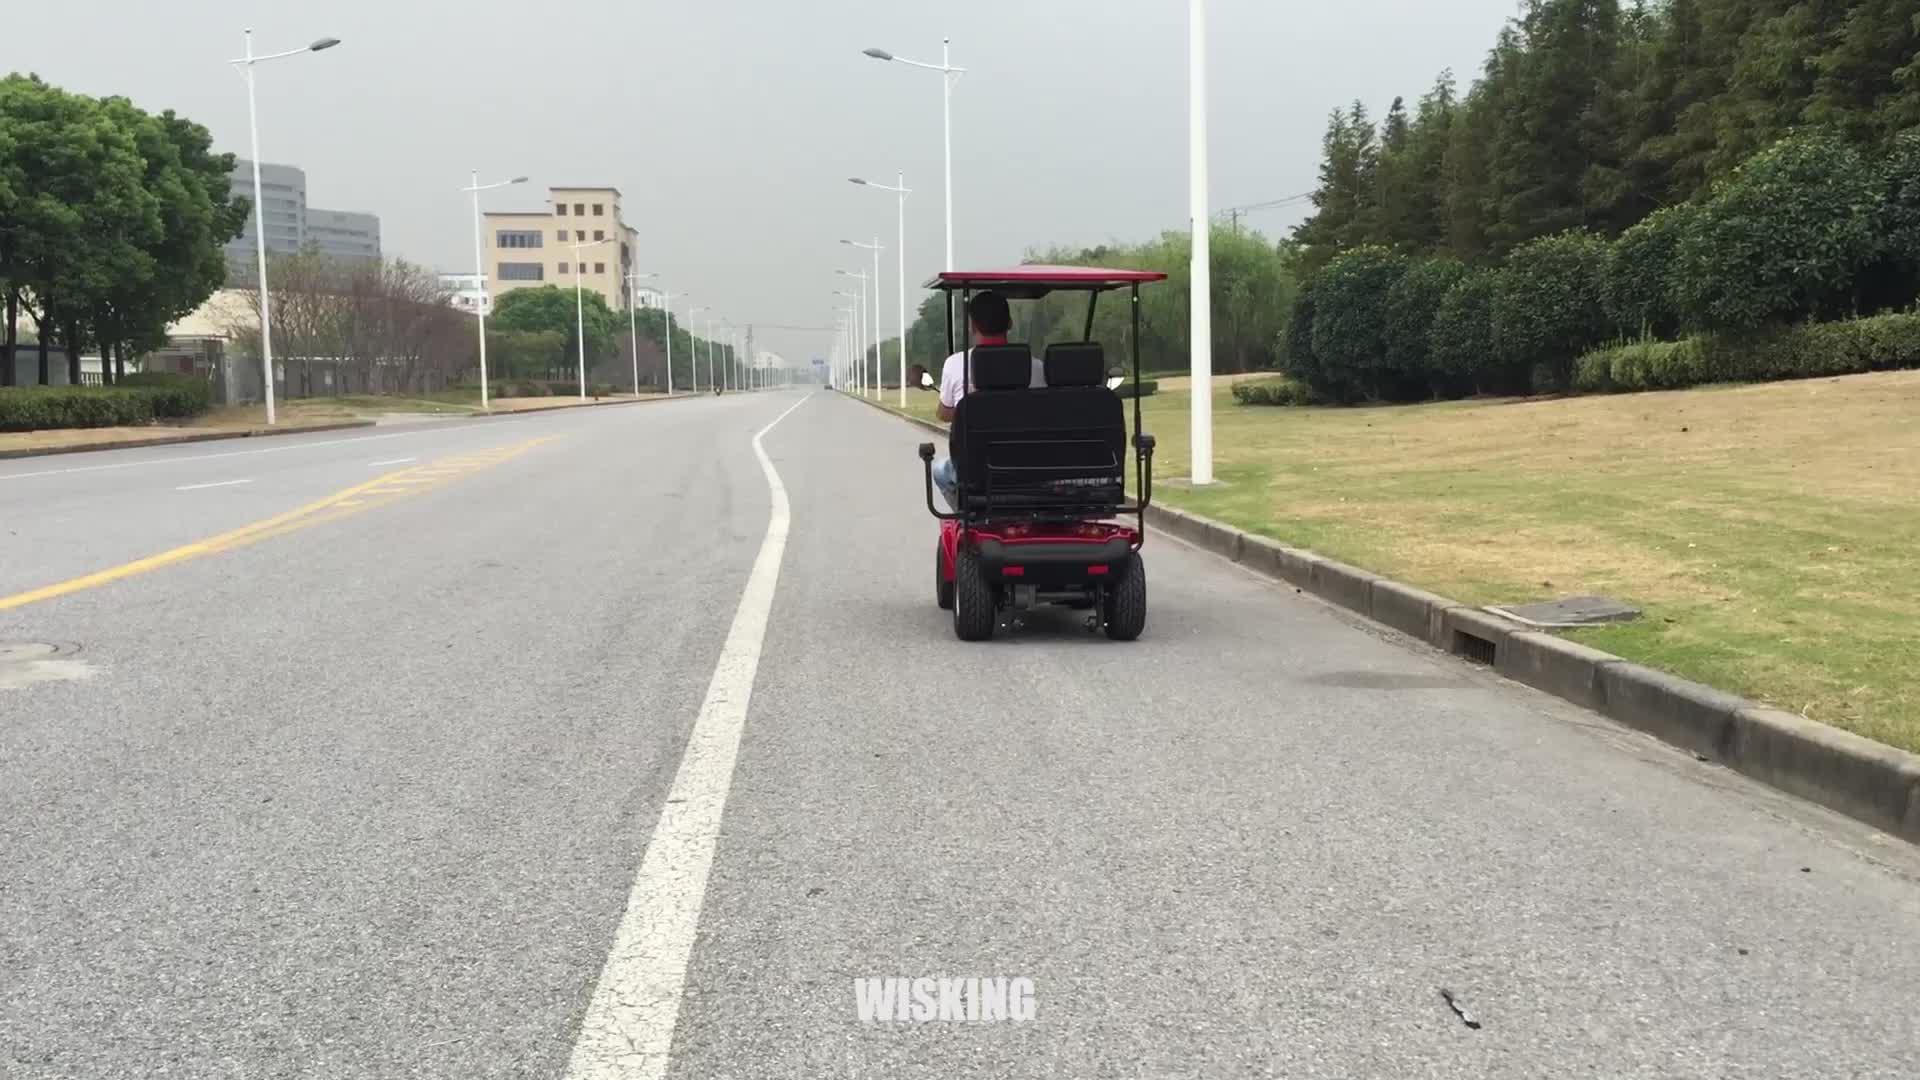 4 عجلات مزدوجة مقعد سكوتر الفاخرة الثقيلة في الهواء الطلق التنقل سكوتر كهربائي